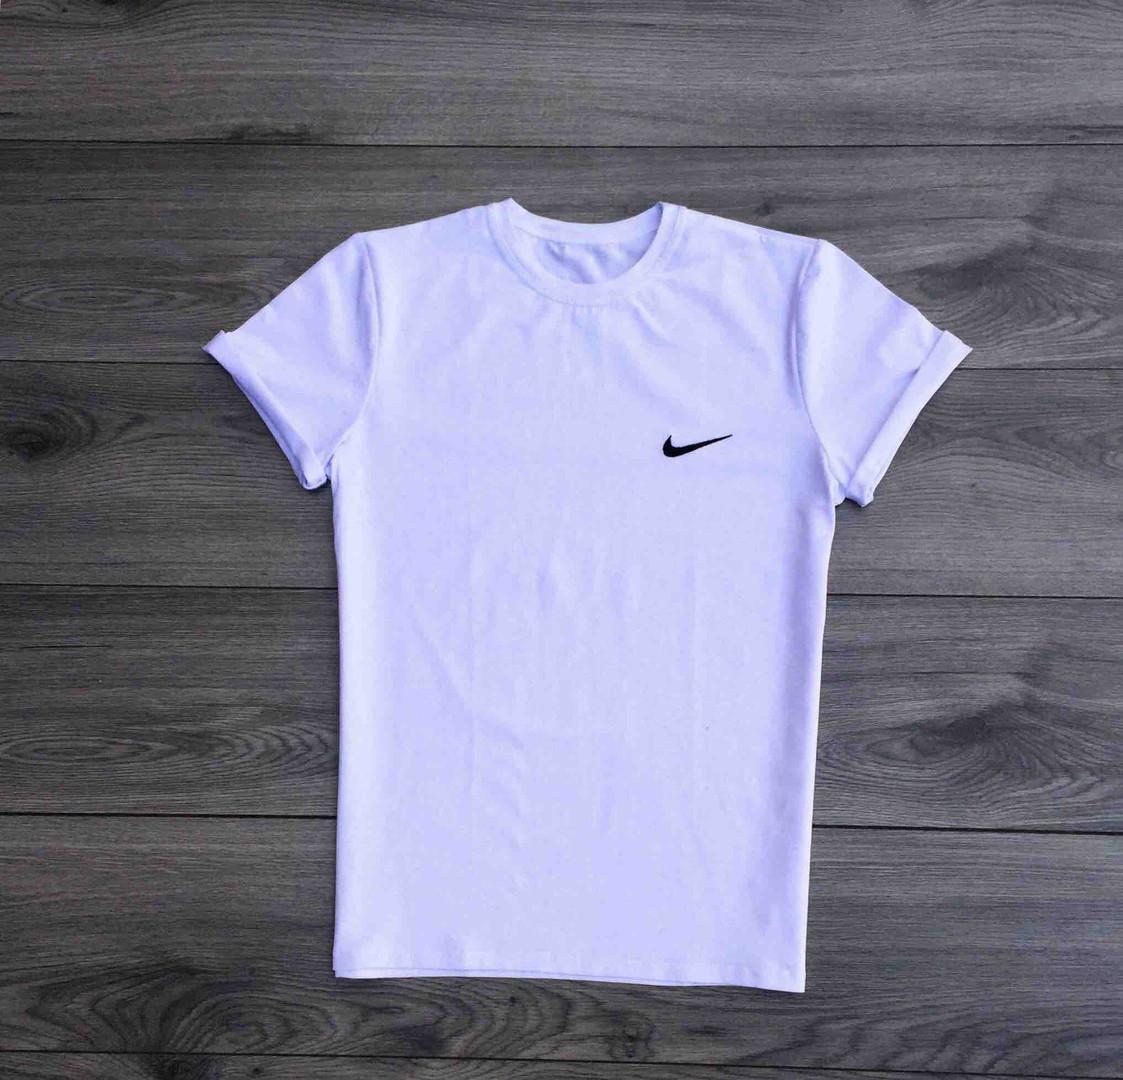 Футболка мужская Nike спортивная с малым принтом (белая), ТОП-реплика